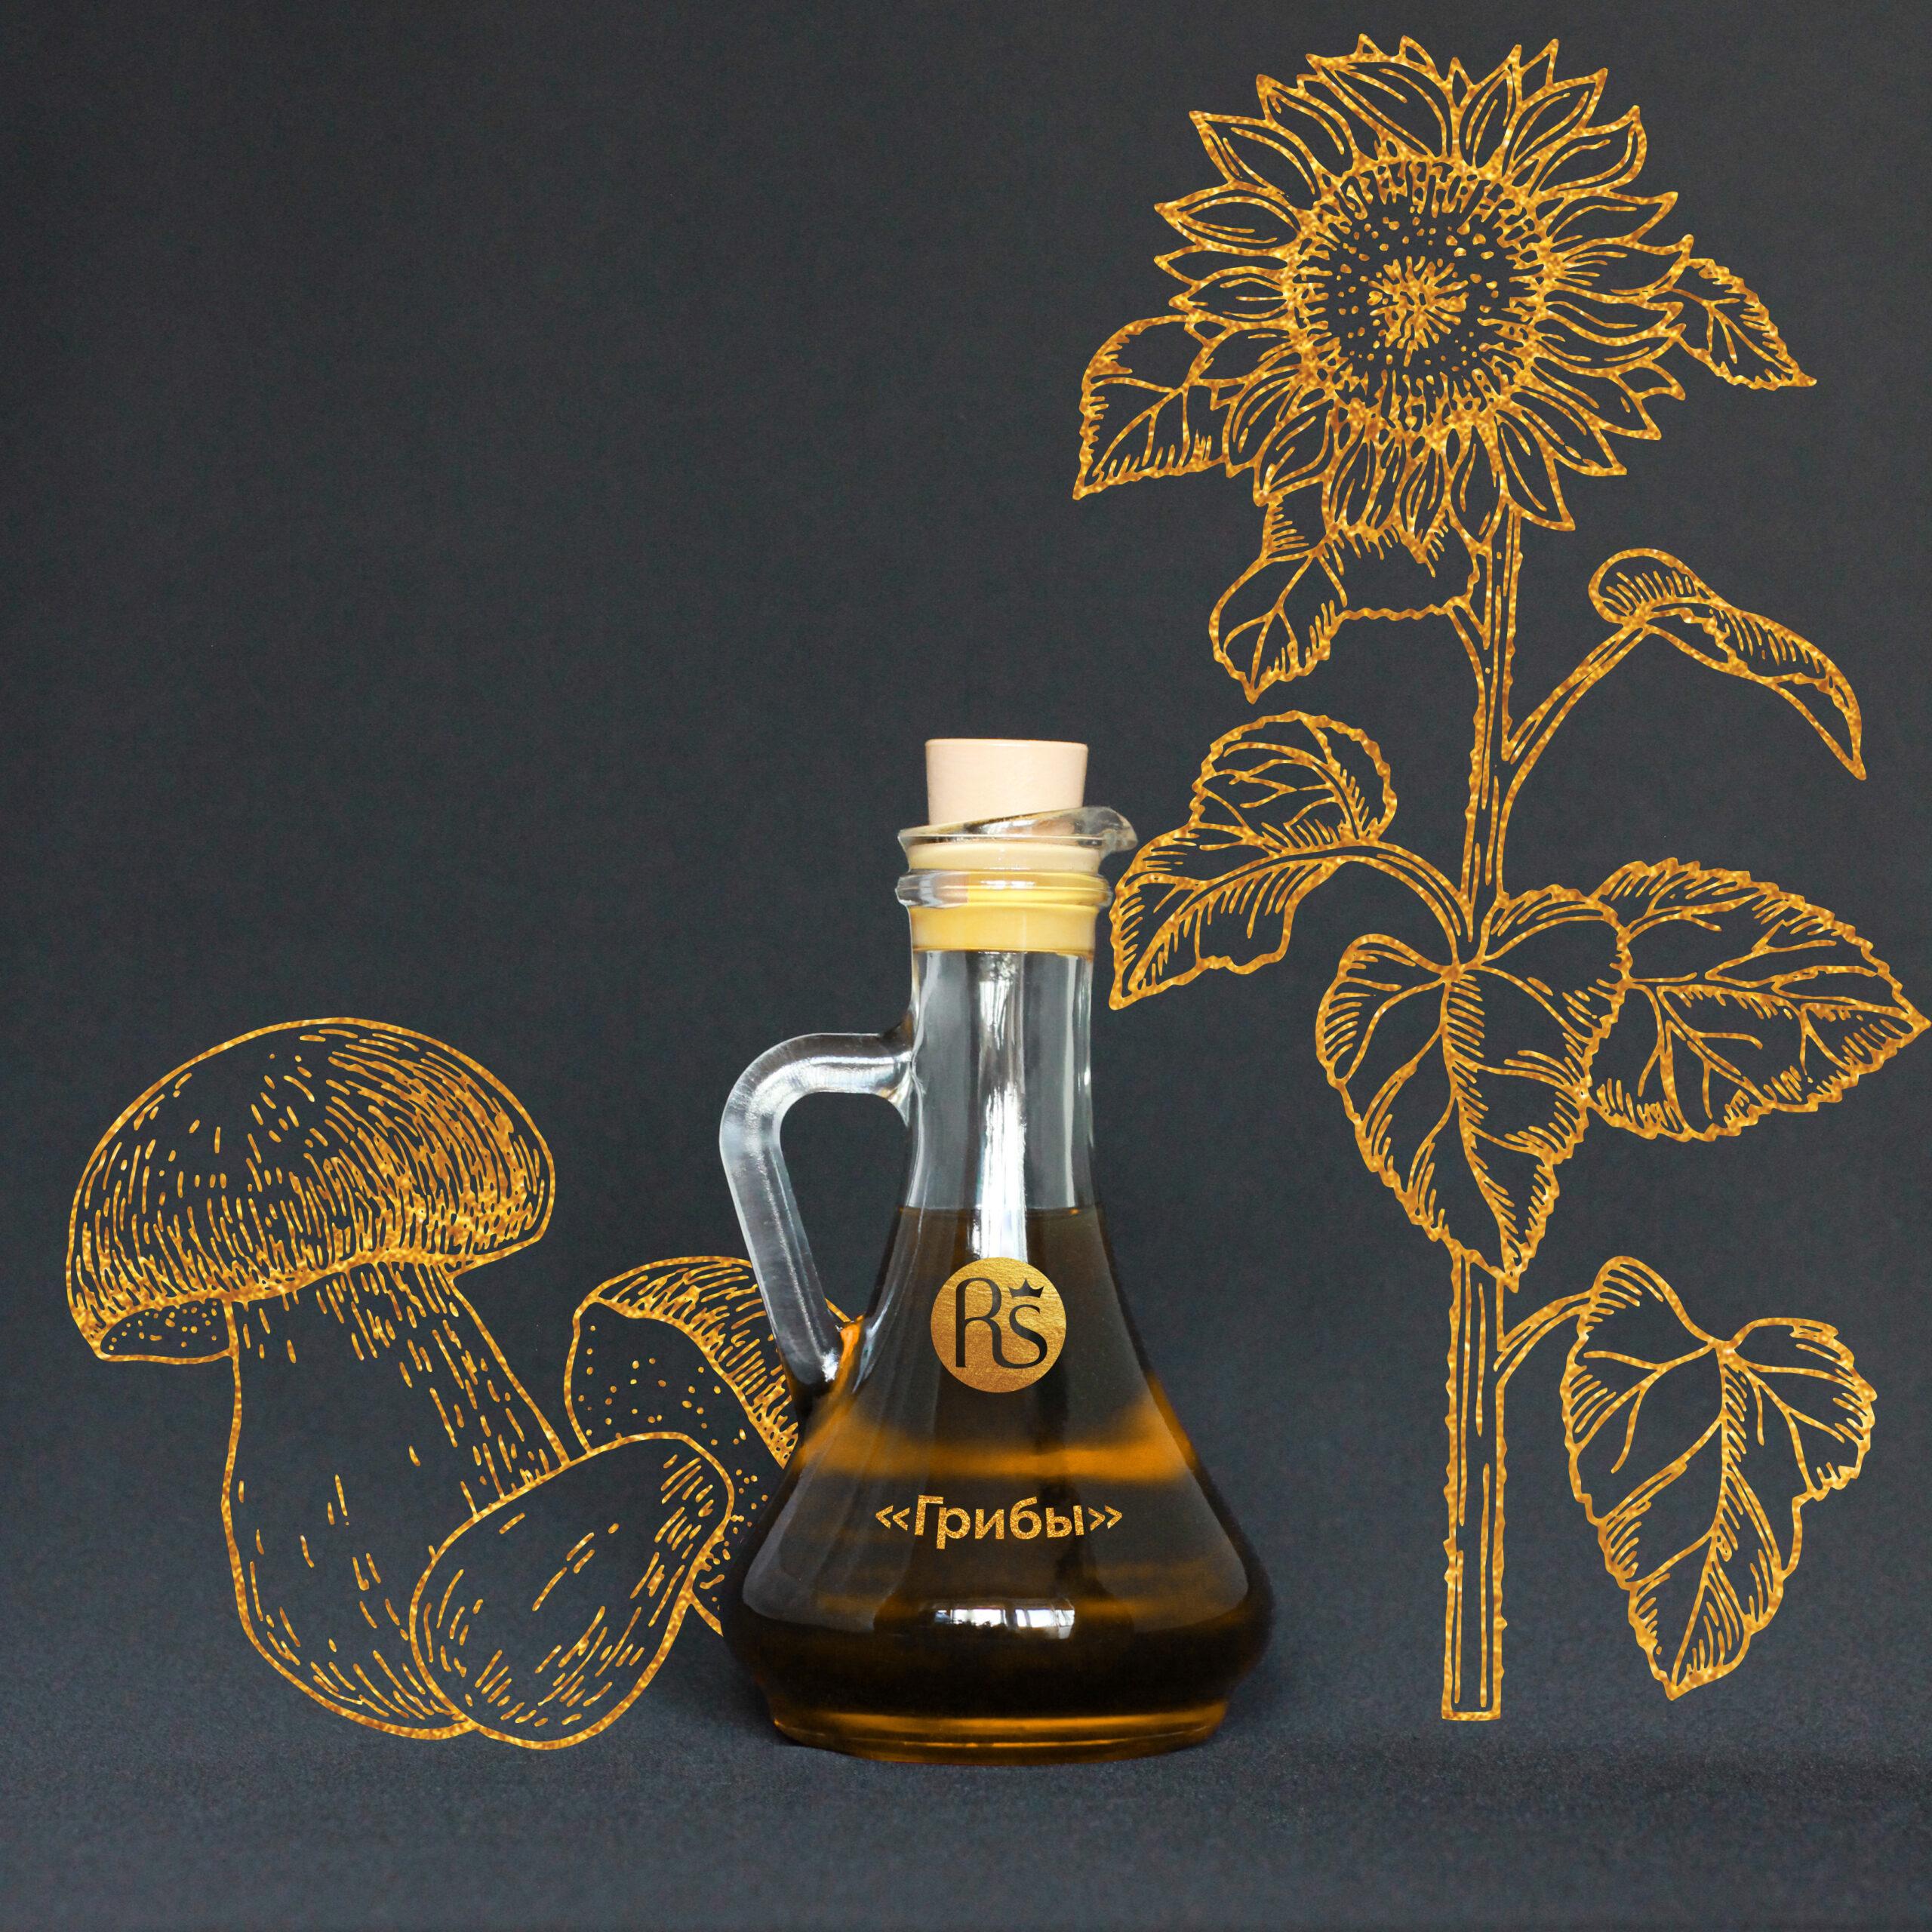 Ароматизированное масло «Грибы»